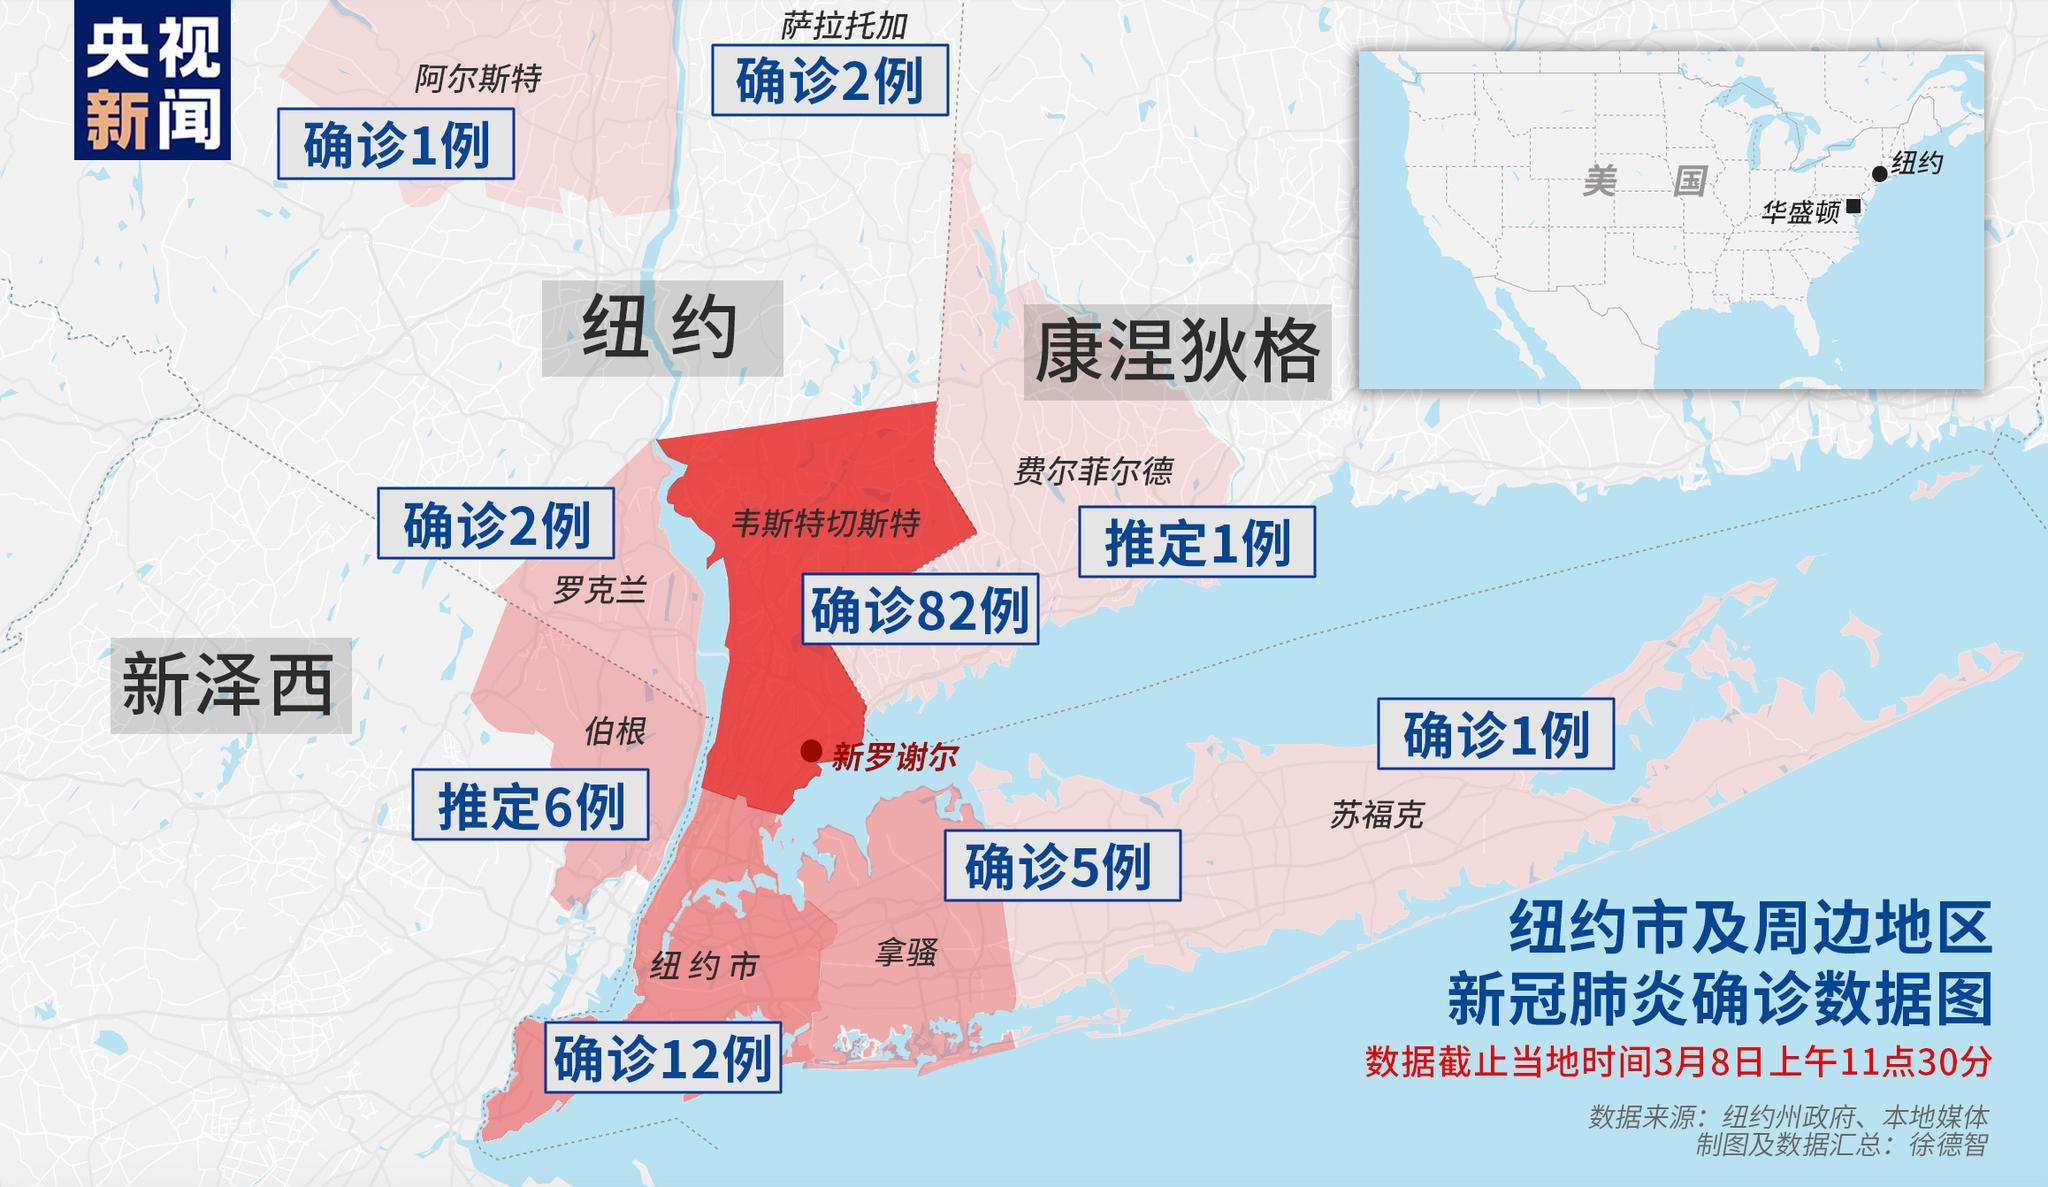 △纽约市周边区域(新泽西、纽约及康涅狄格三州)现在的新冠疫情图